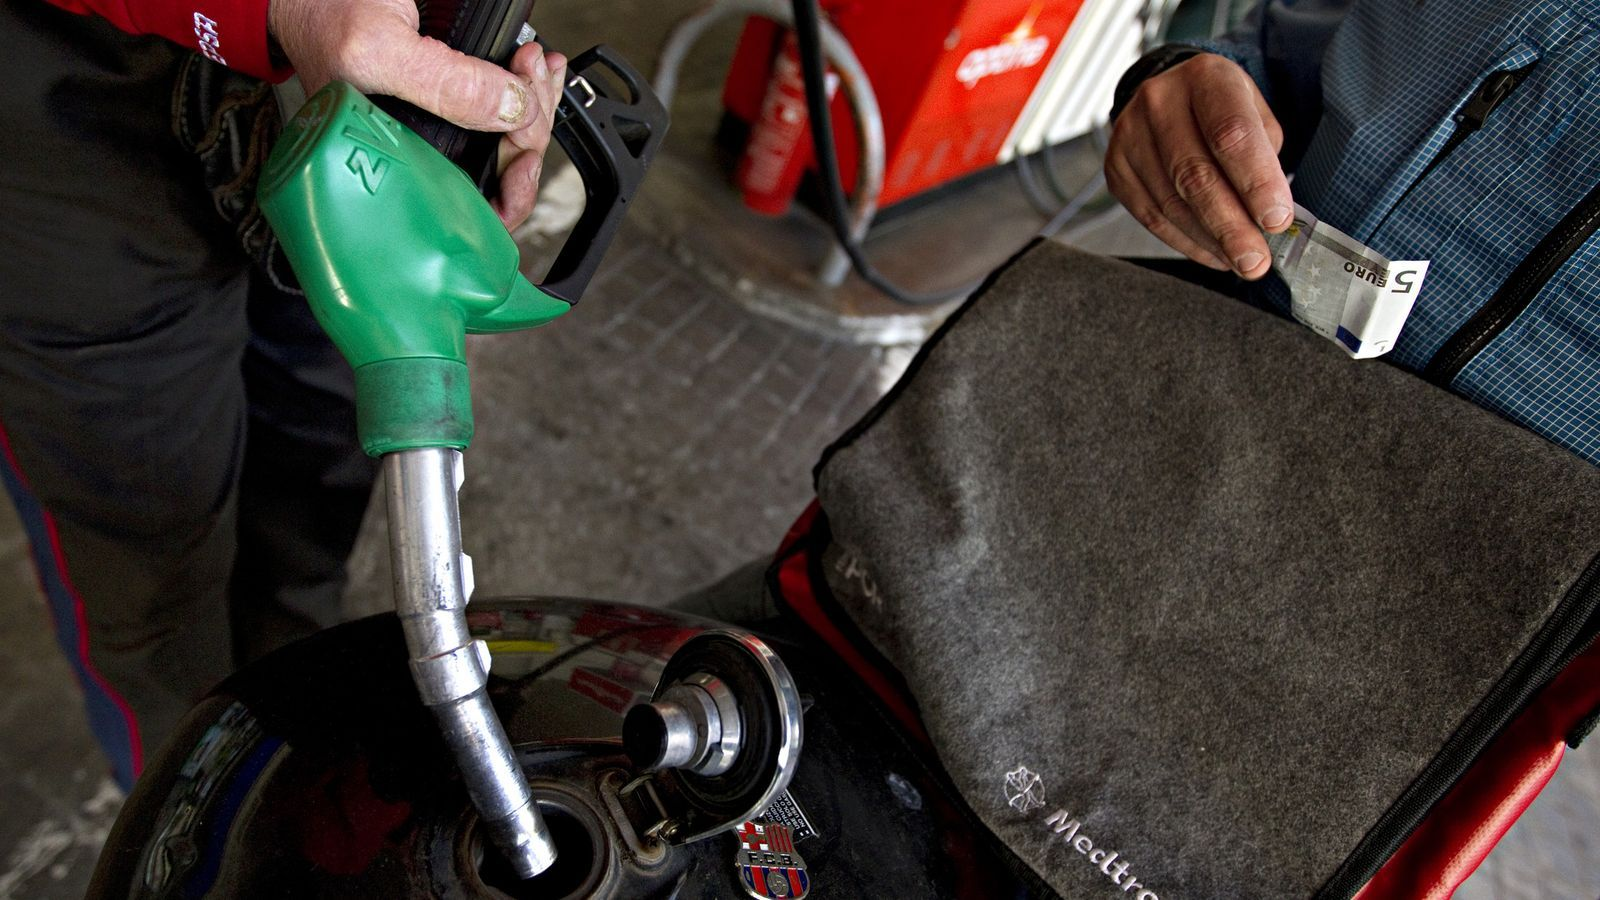 L'augment del petroli també encareix els carburants / FRANCESC MELCION